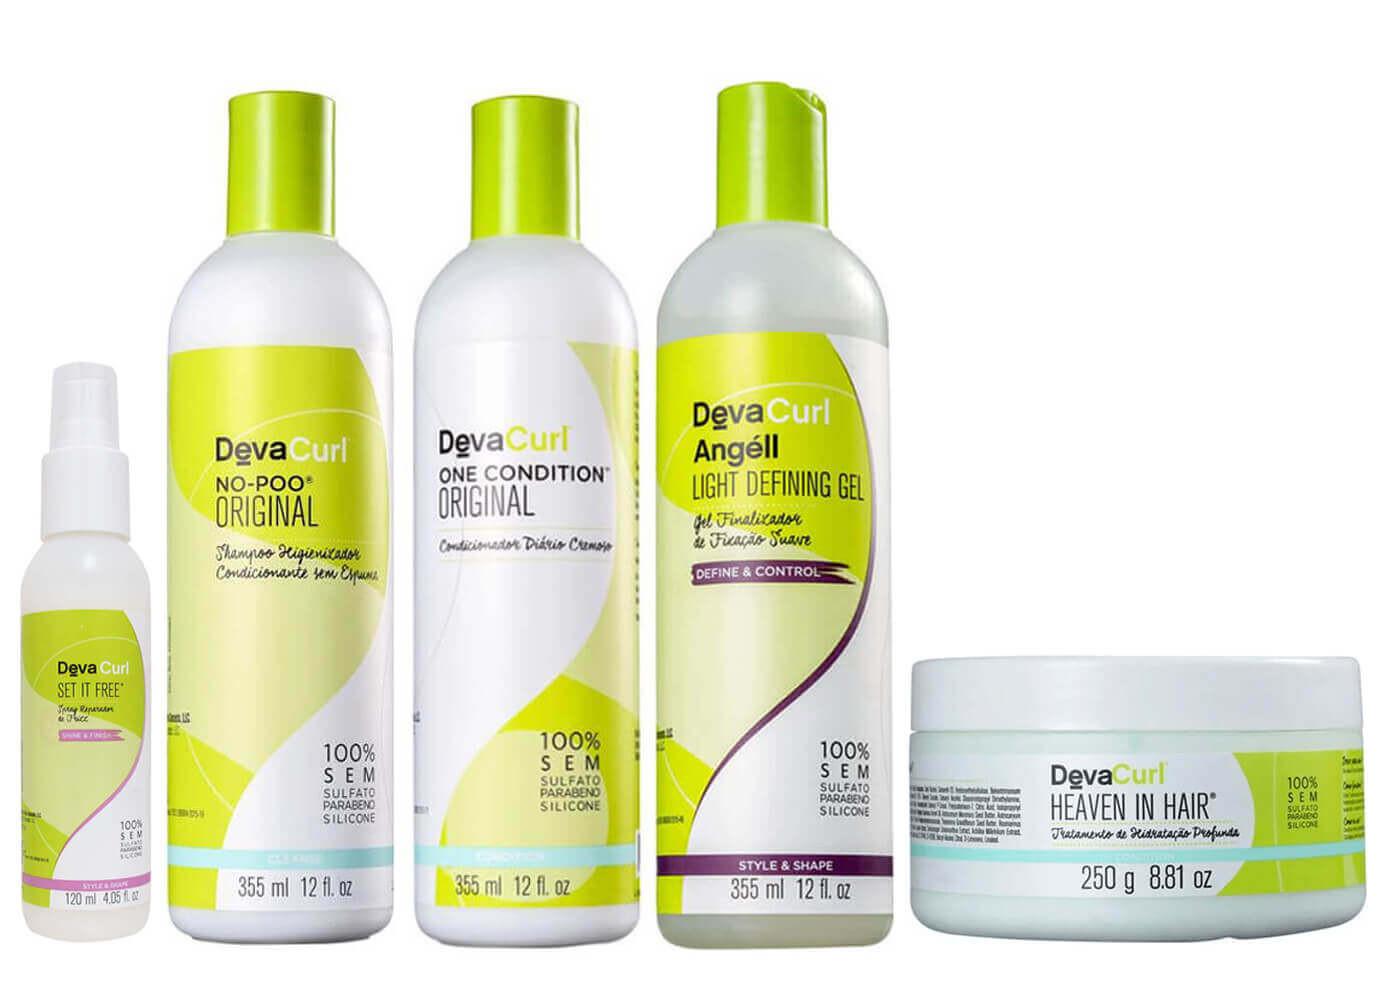 973908daa Comprar Deva Curl Kit 355ml Cachos c/ 5 Produtos